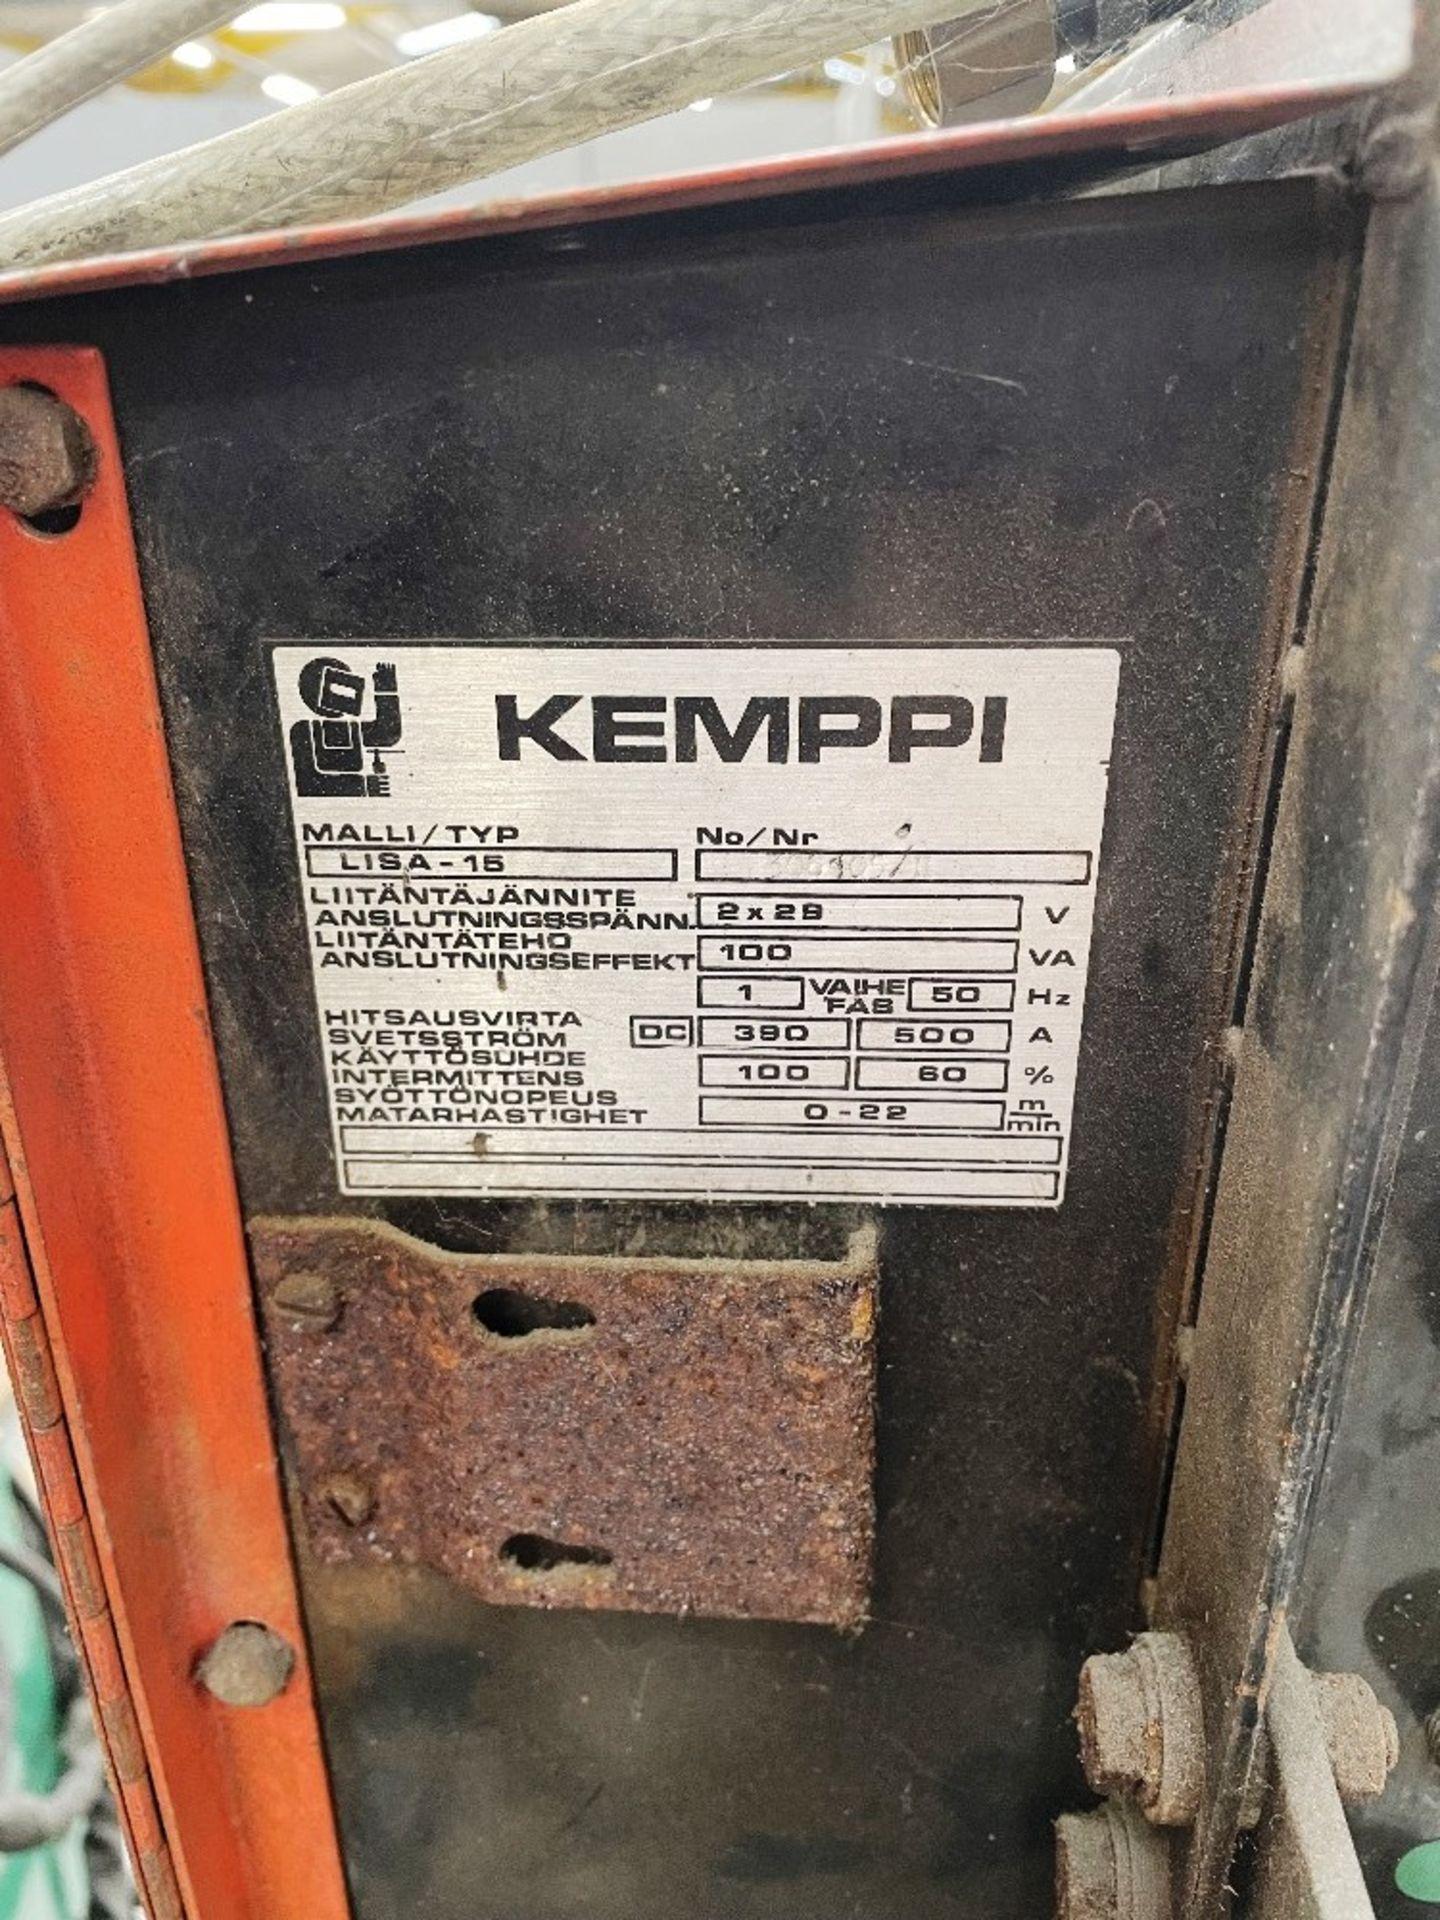 Kemppi RA230 Mig Welder w/ Kemppi Lisa 15 Wire Guide Tube - Image 5 of 6